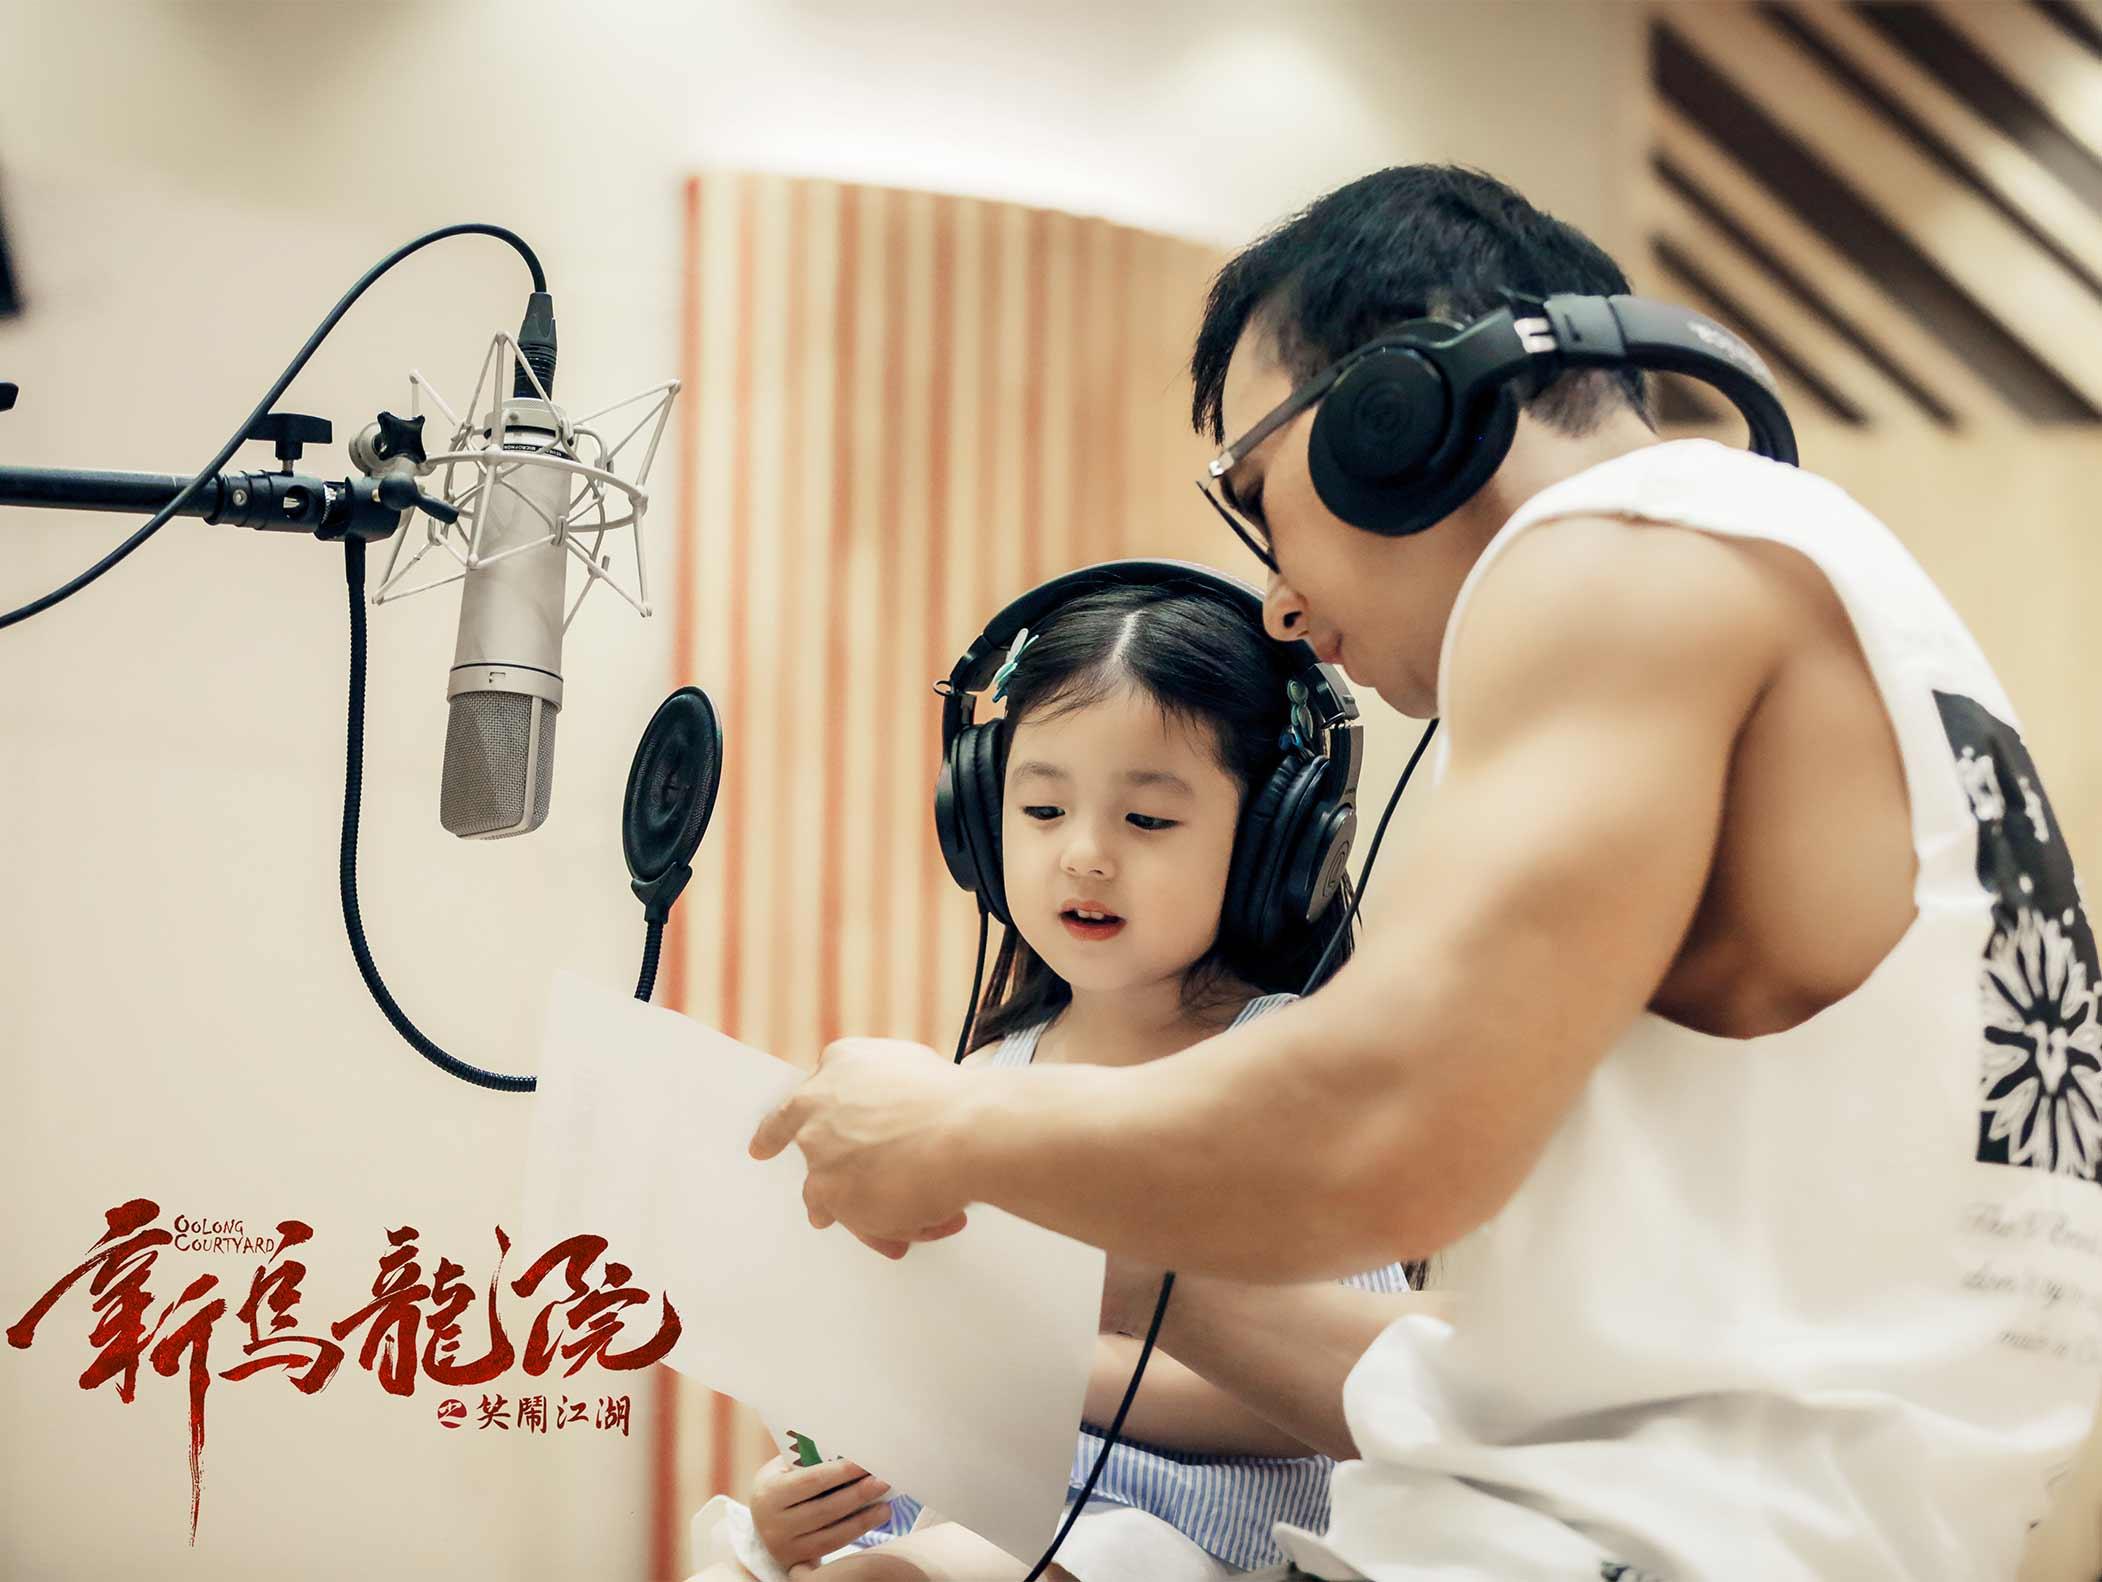 刘畊宏携小泡芙献唱电影宣传曲《摆乌龙》